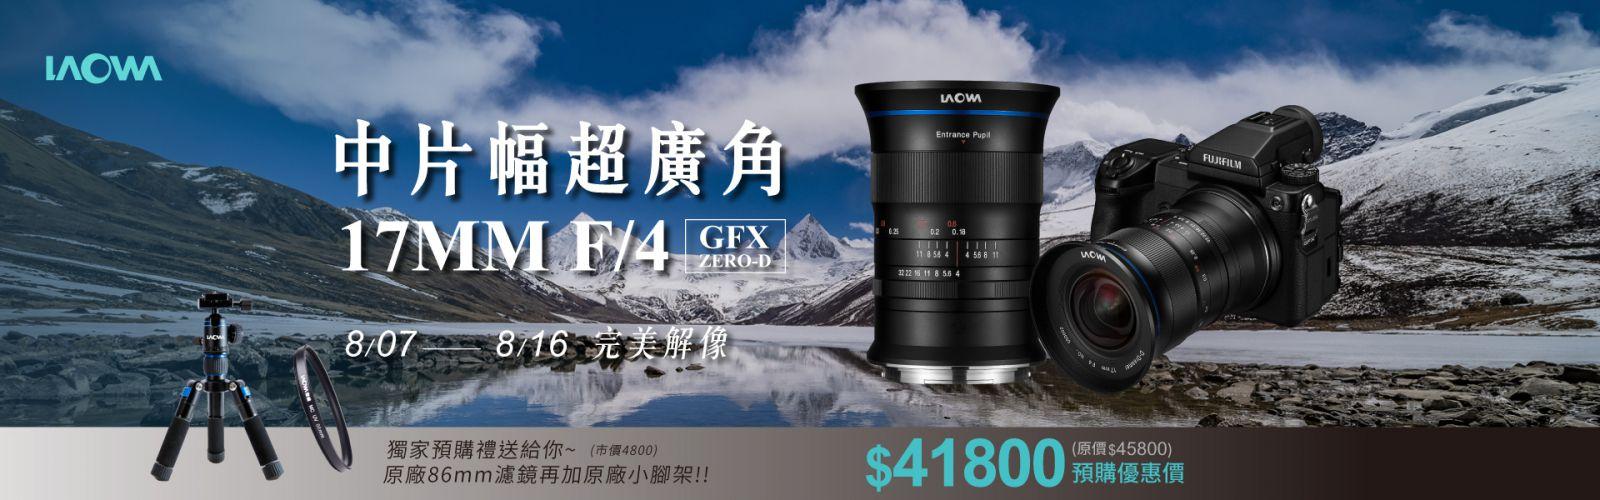 Laowa 17mm F4 超廣角鏡頭-現正預購